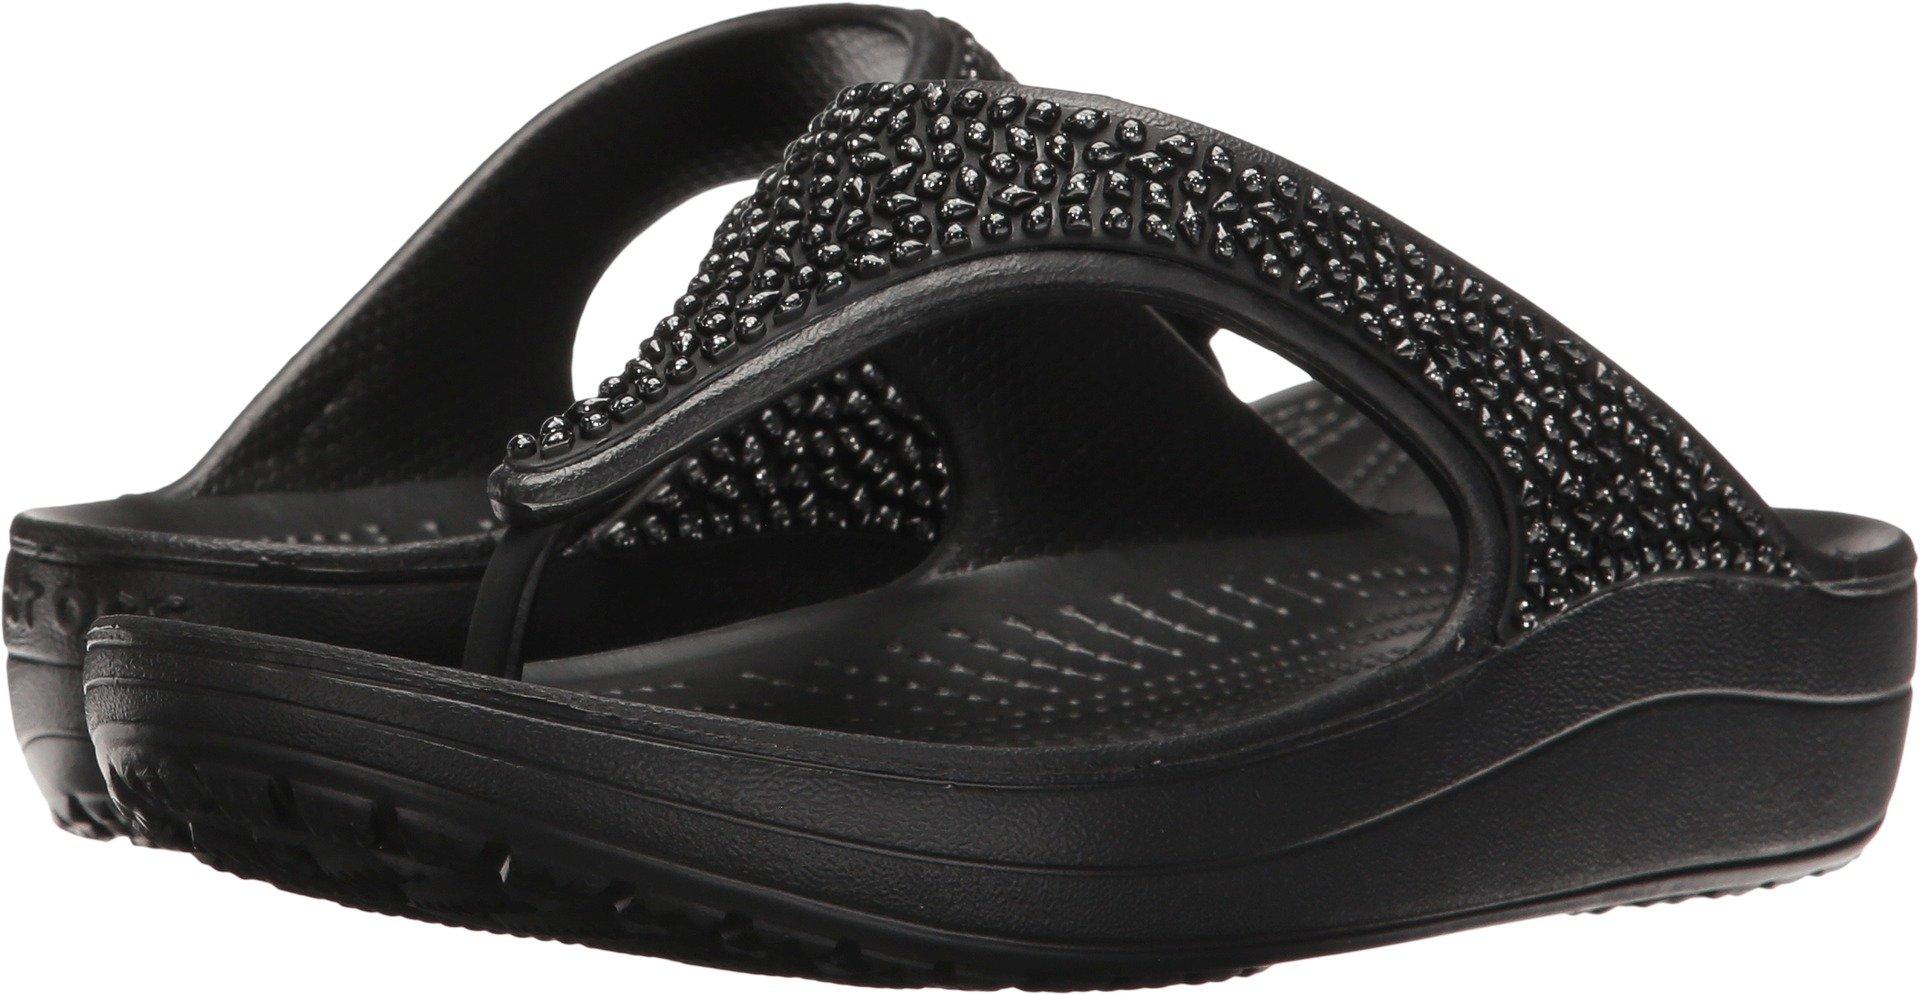 Crocs Women's Sloane Embellished Flip Flop, Black/Black, 10 M US